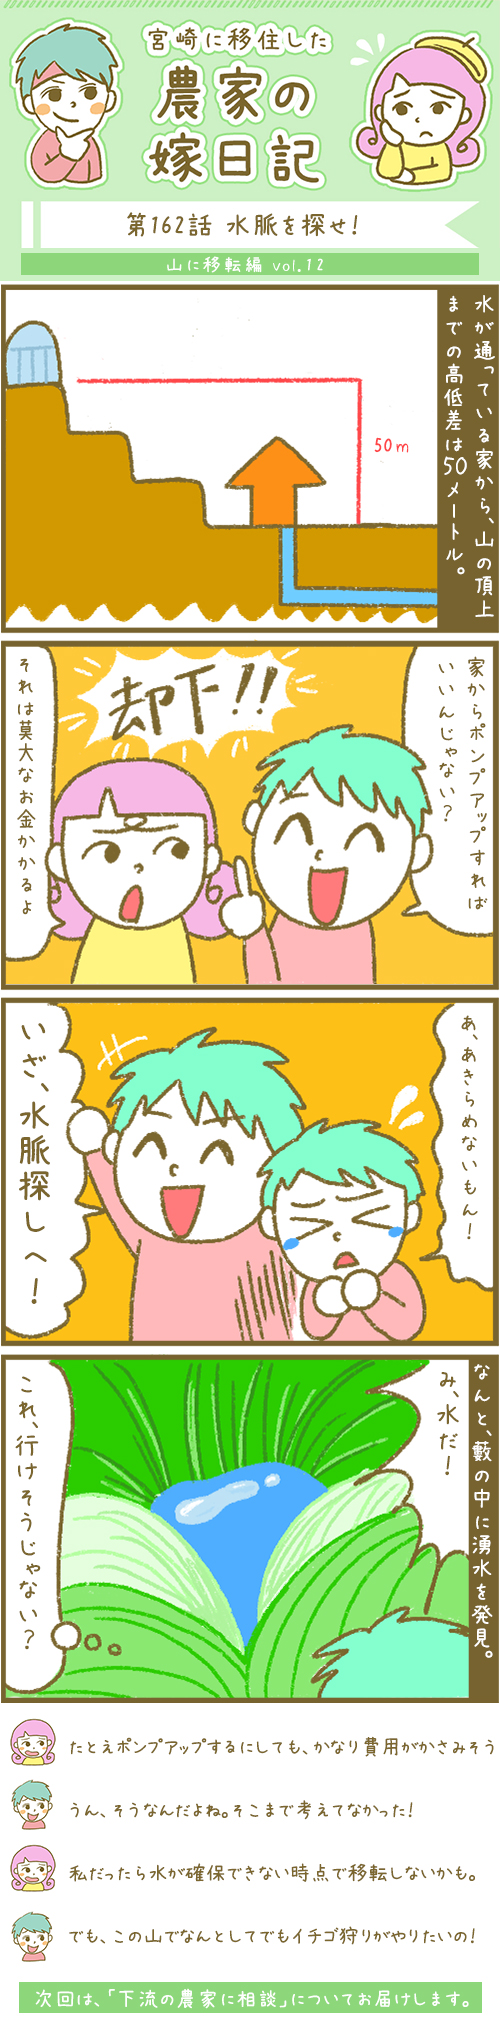 漫画第162話